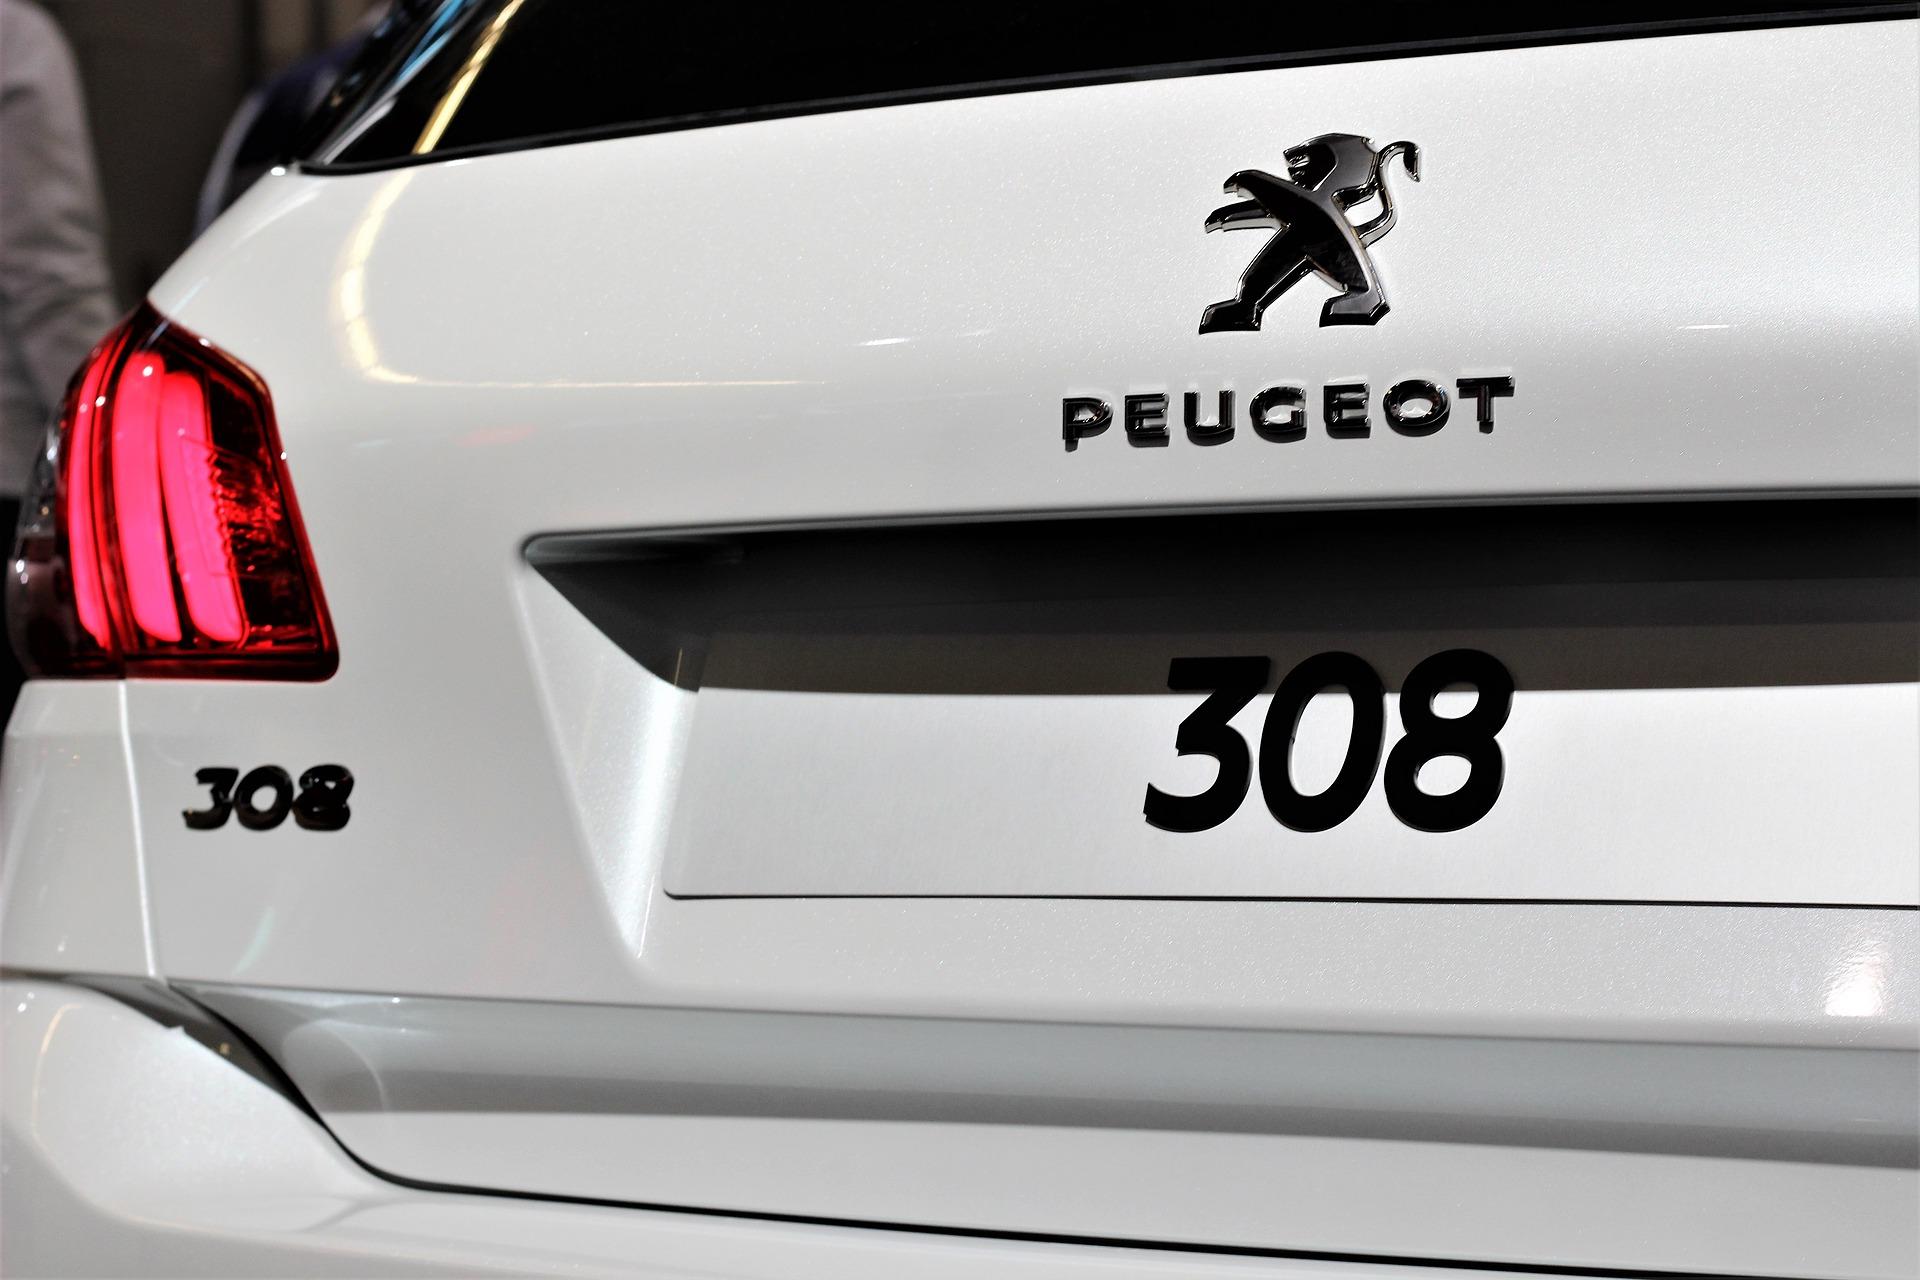 Reprise Peugeot par un professionnel dans les meilleures conditons, peu importe l'état du véhicule, que ce soit une peugeot non roulante, en panne, moteur cassé, moteur ou boite HS, accidentée, pour pièces ou pour export. Evitez la casse auto, le garage peugeot ou la concession Peugeot. Optez pour Delivauto pro du rachat de voitures ou utilitaires HS !